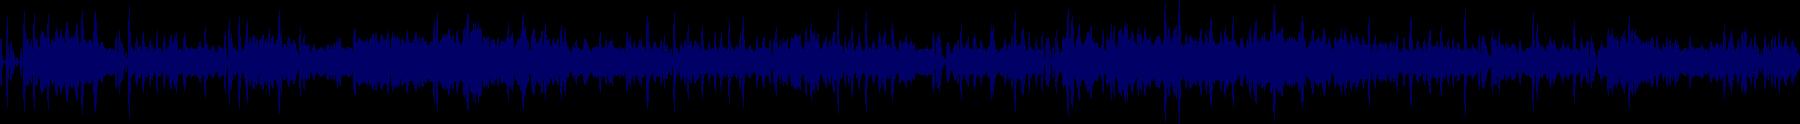 waveform of track #70698